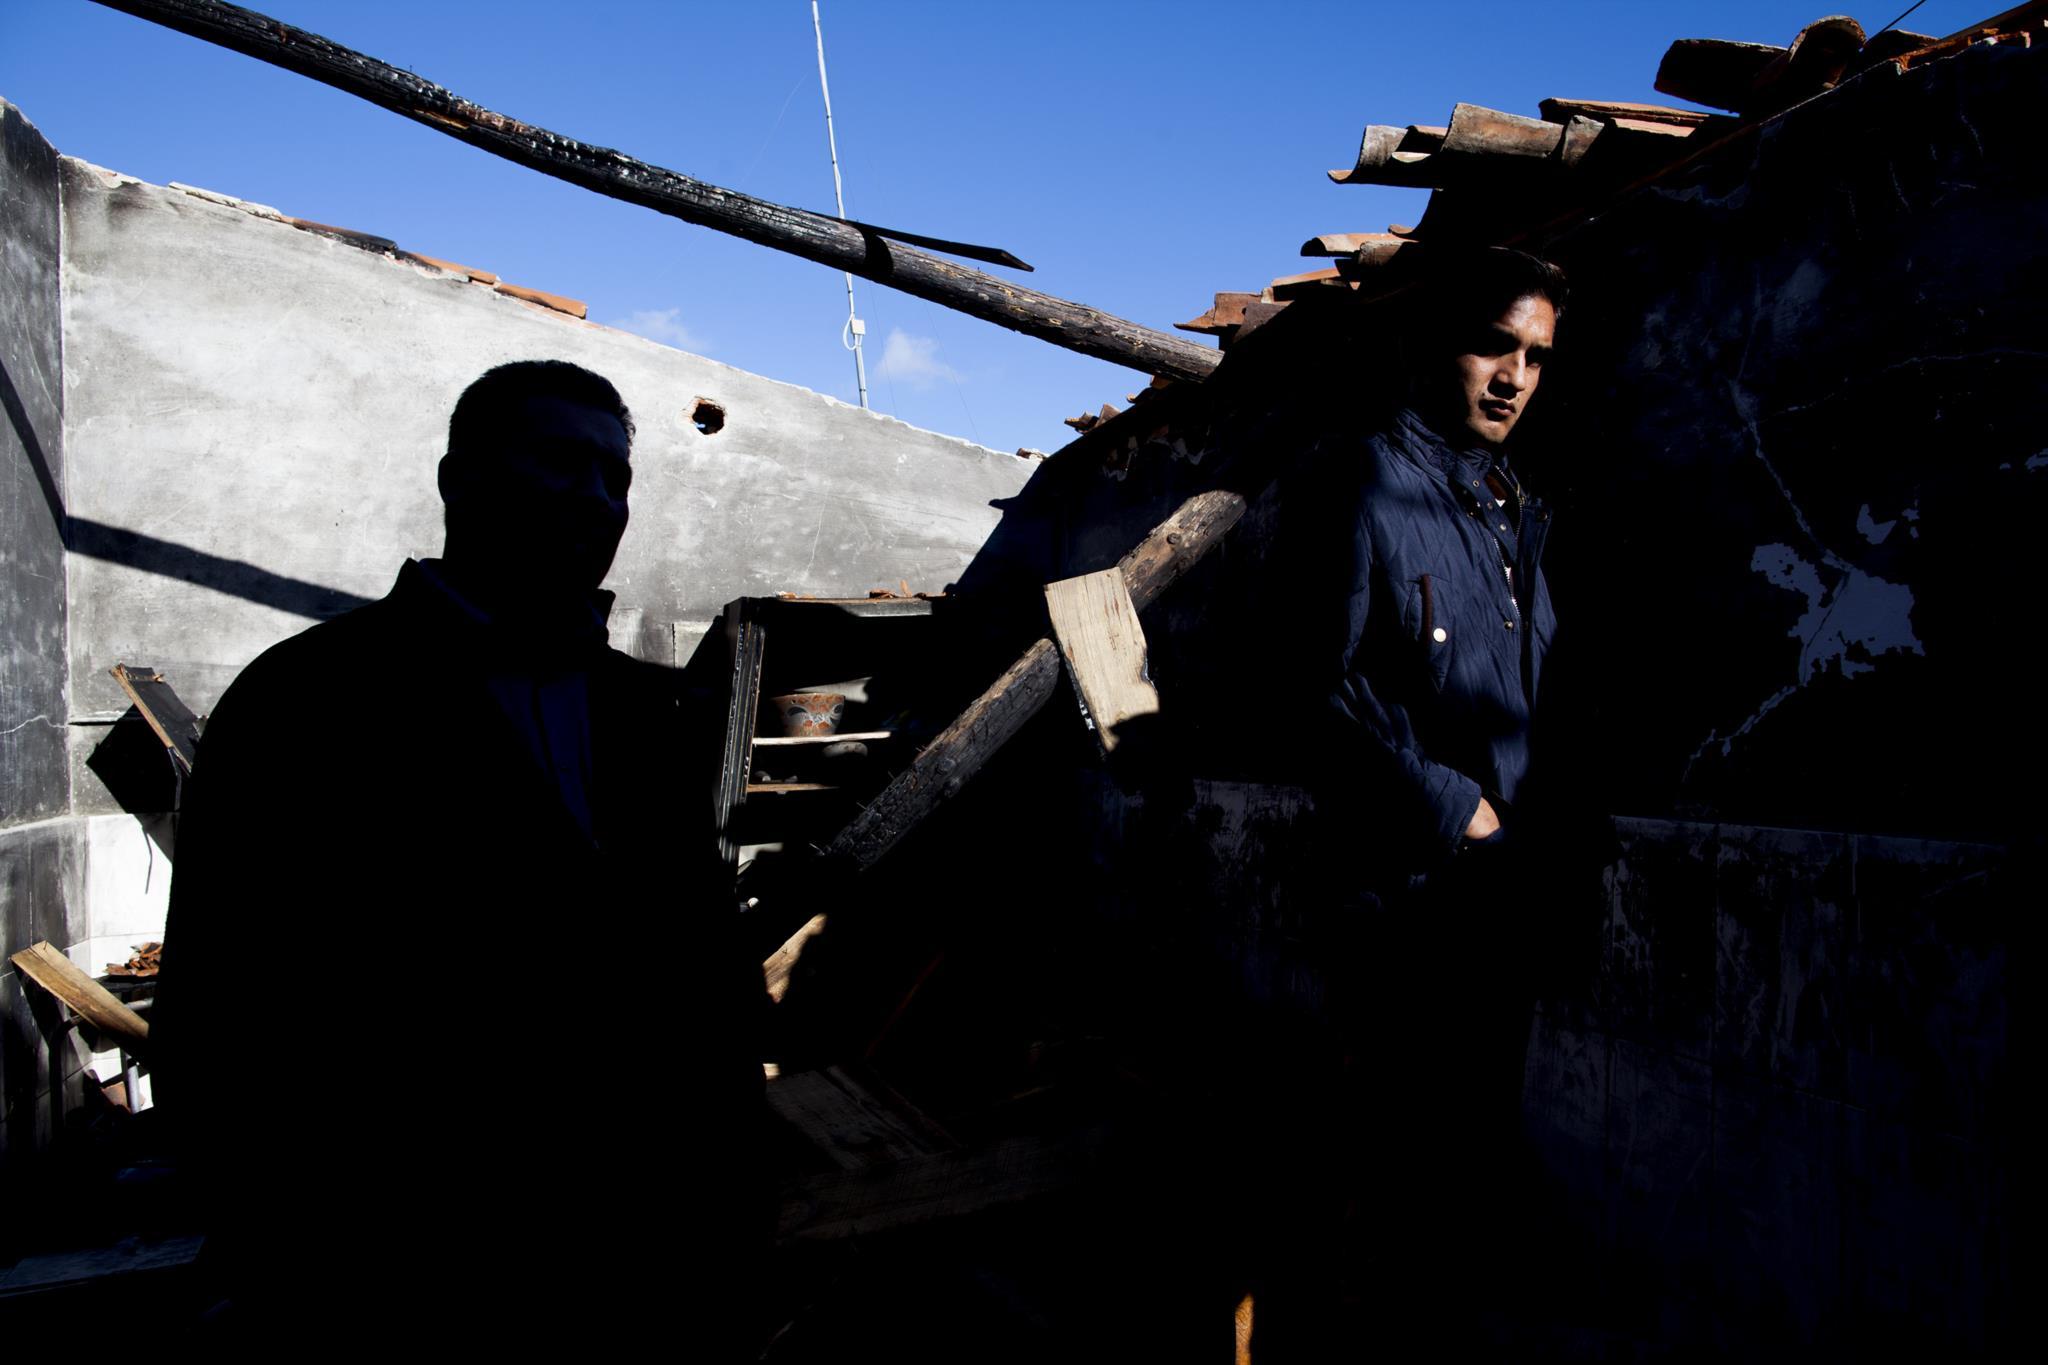 PÚBLICO - Frases nas paredes ameaçam de morte ciganos de Moura